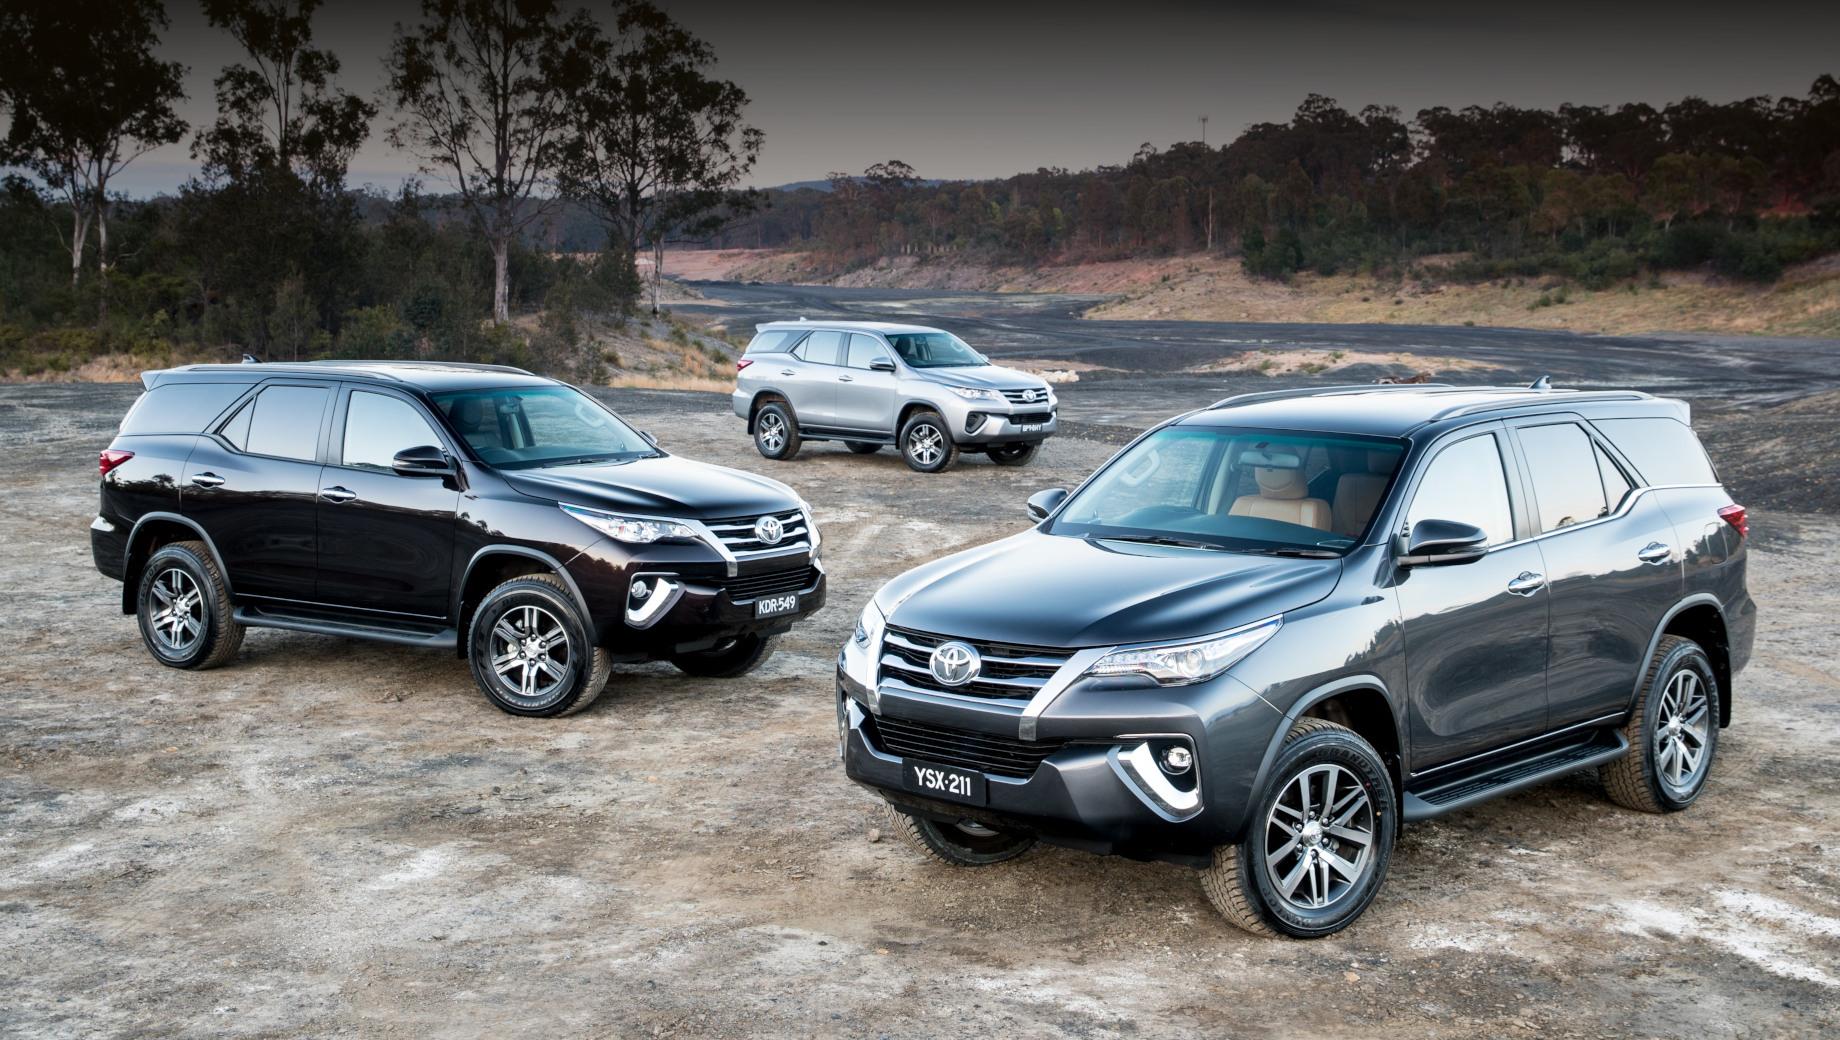 Toyota fortuner. Актуальная версия выпускается в восьми странах (Аргентина, Индия, Индонезия, Малайзия, Пакистан, ЮАР, Таиланд, Вьетнам).